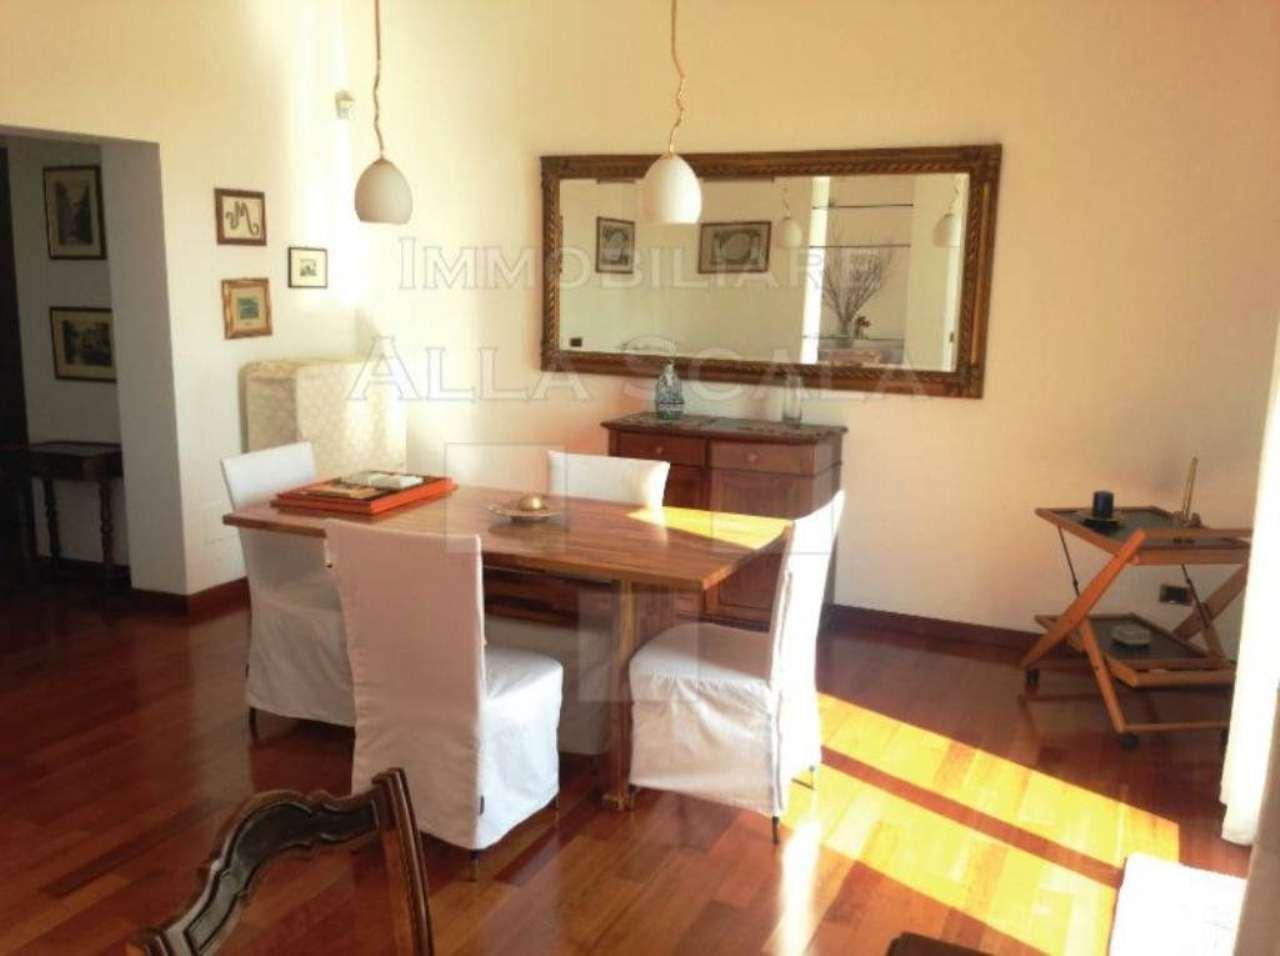 Appartamento in affitto a milano via quadronno trovocasa for Appartamenti arredati in affitto milano